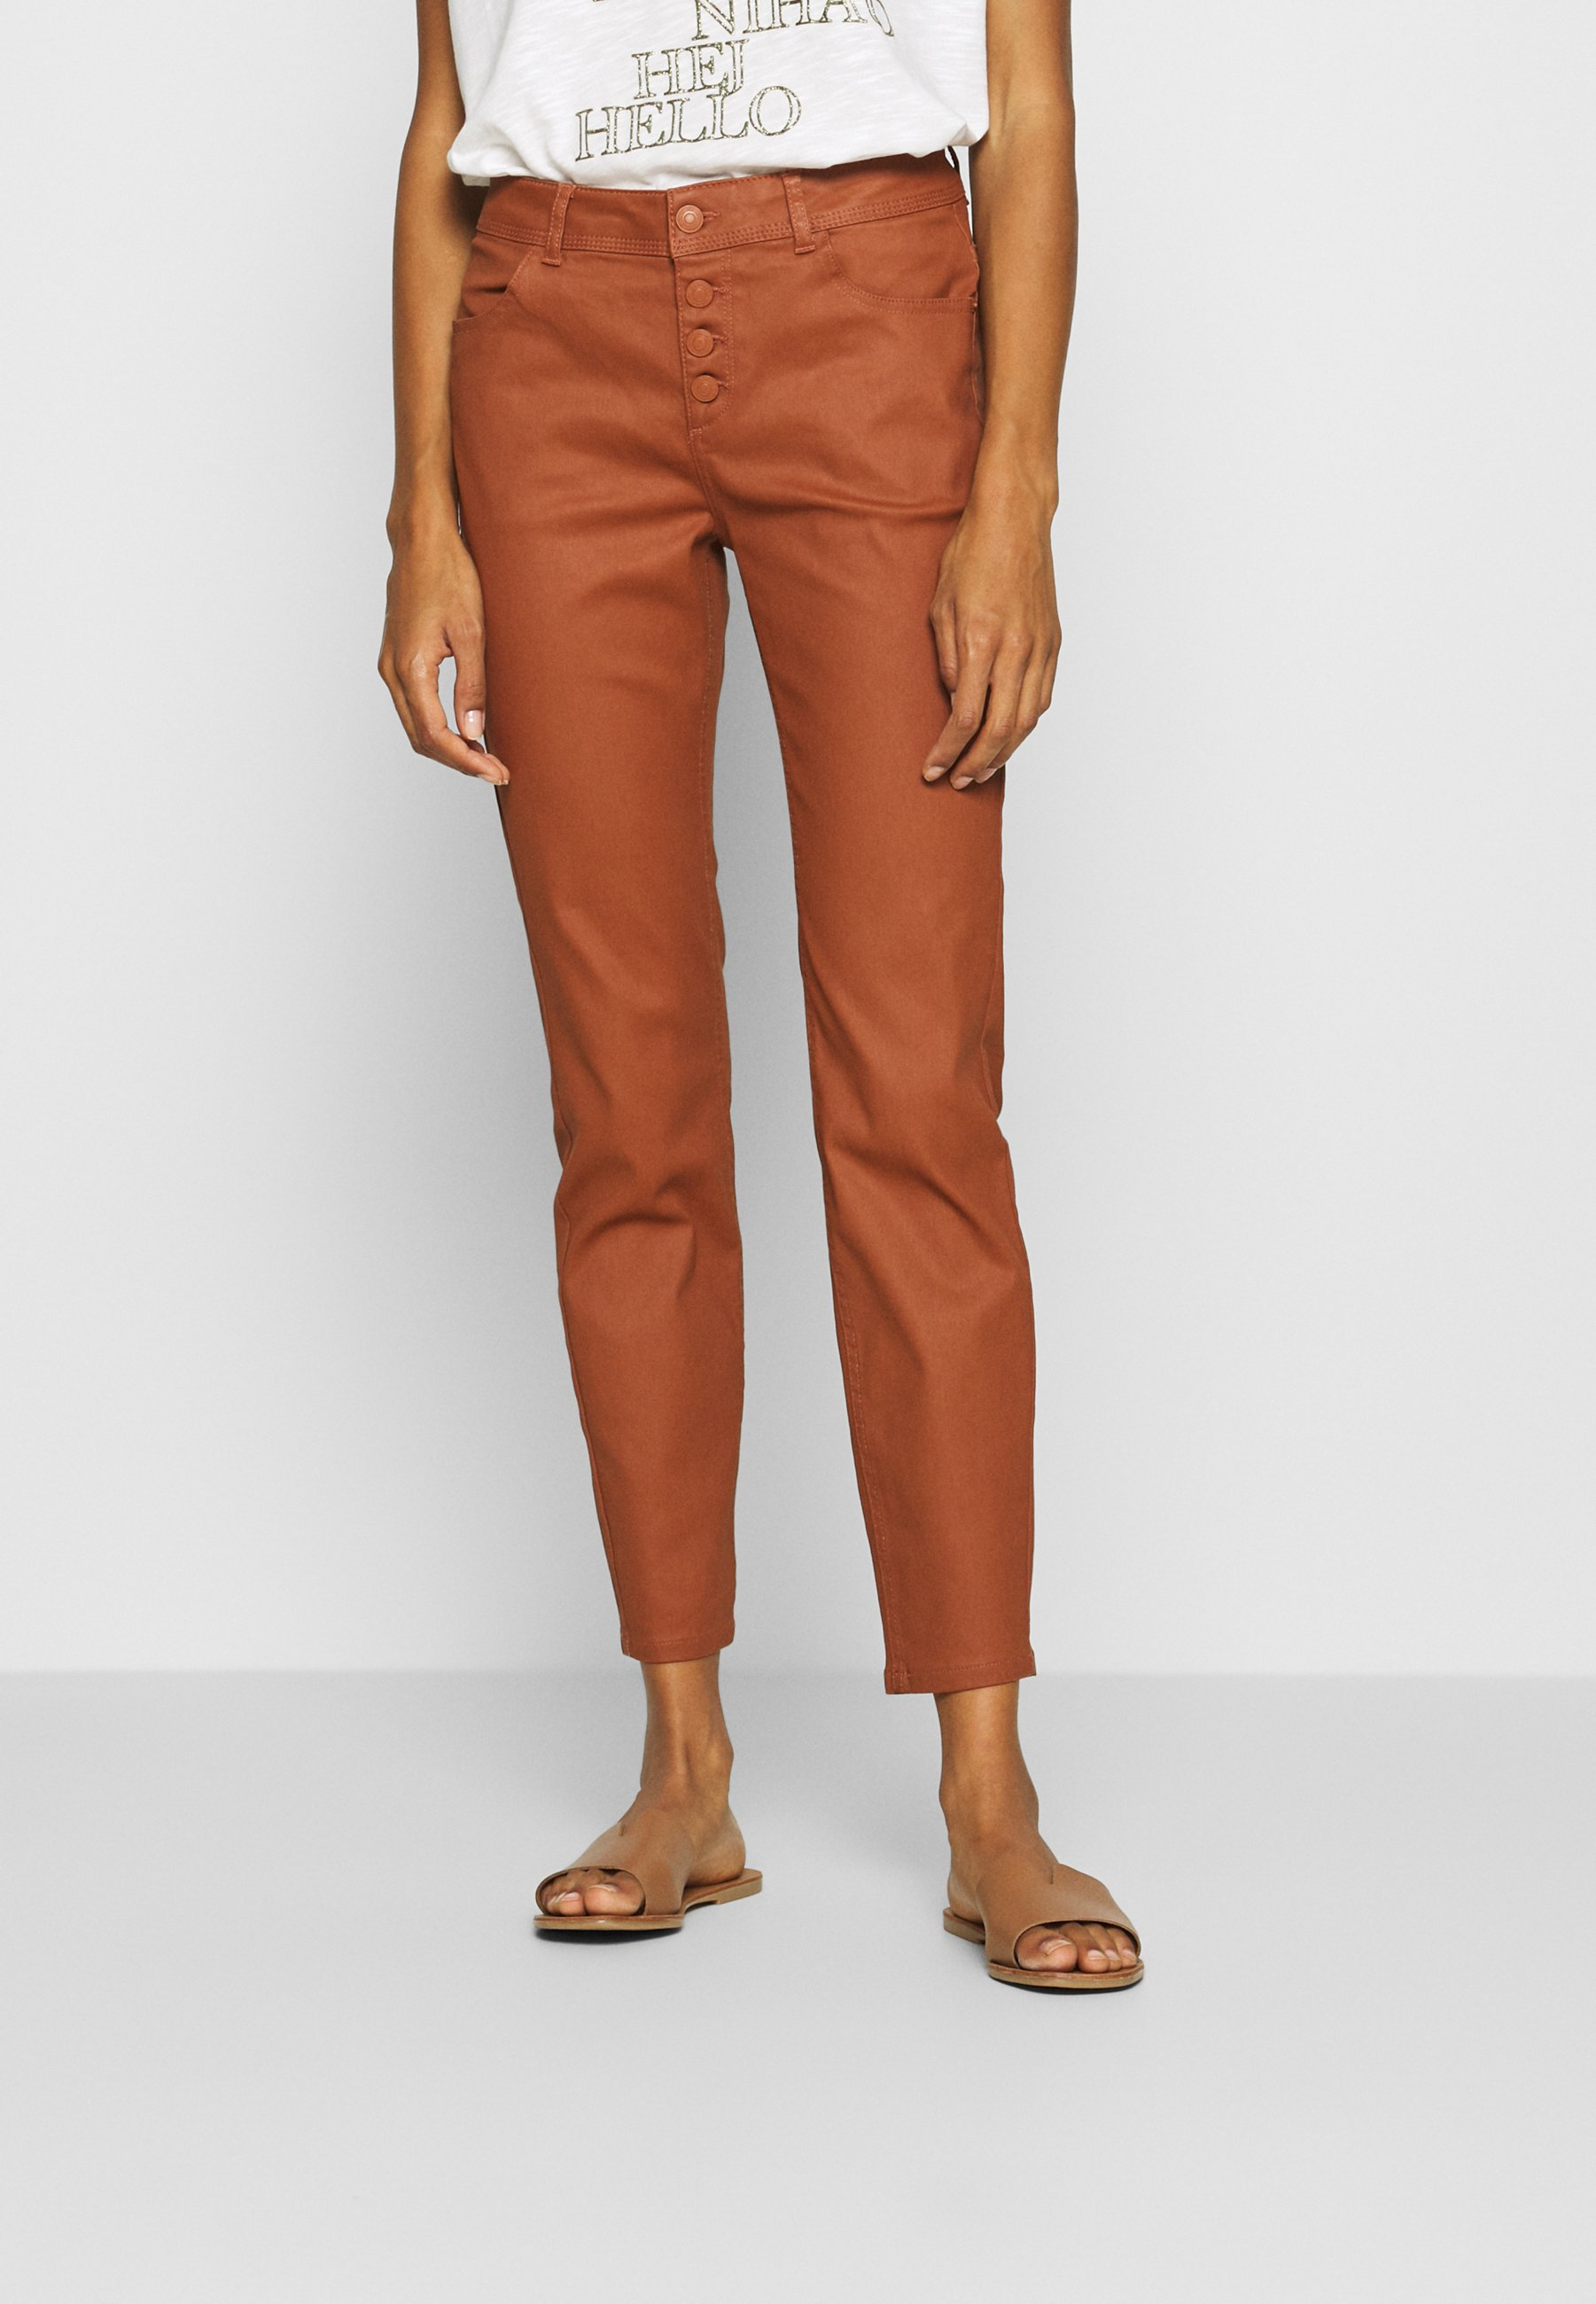 Brune Bukser & shorts | Dame | Nye bukser på nett hos Zalando